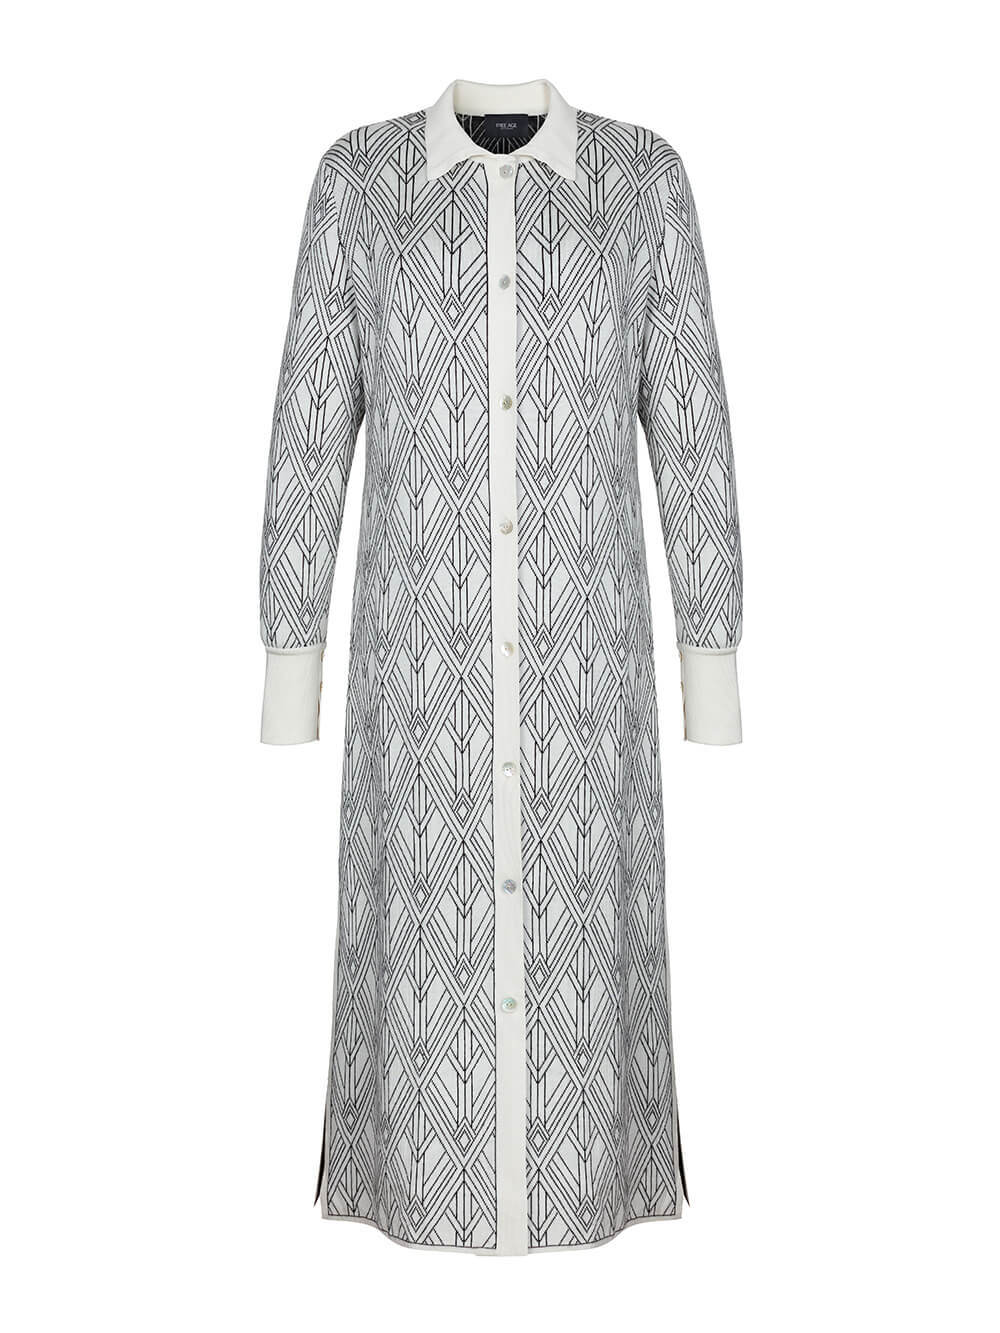 Женское платье молочного цвета из шелка и кашемира - фото 1